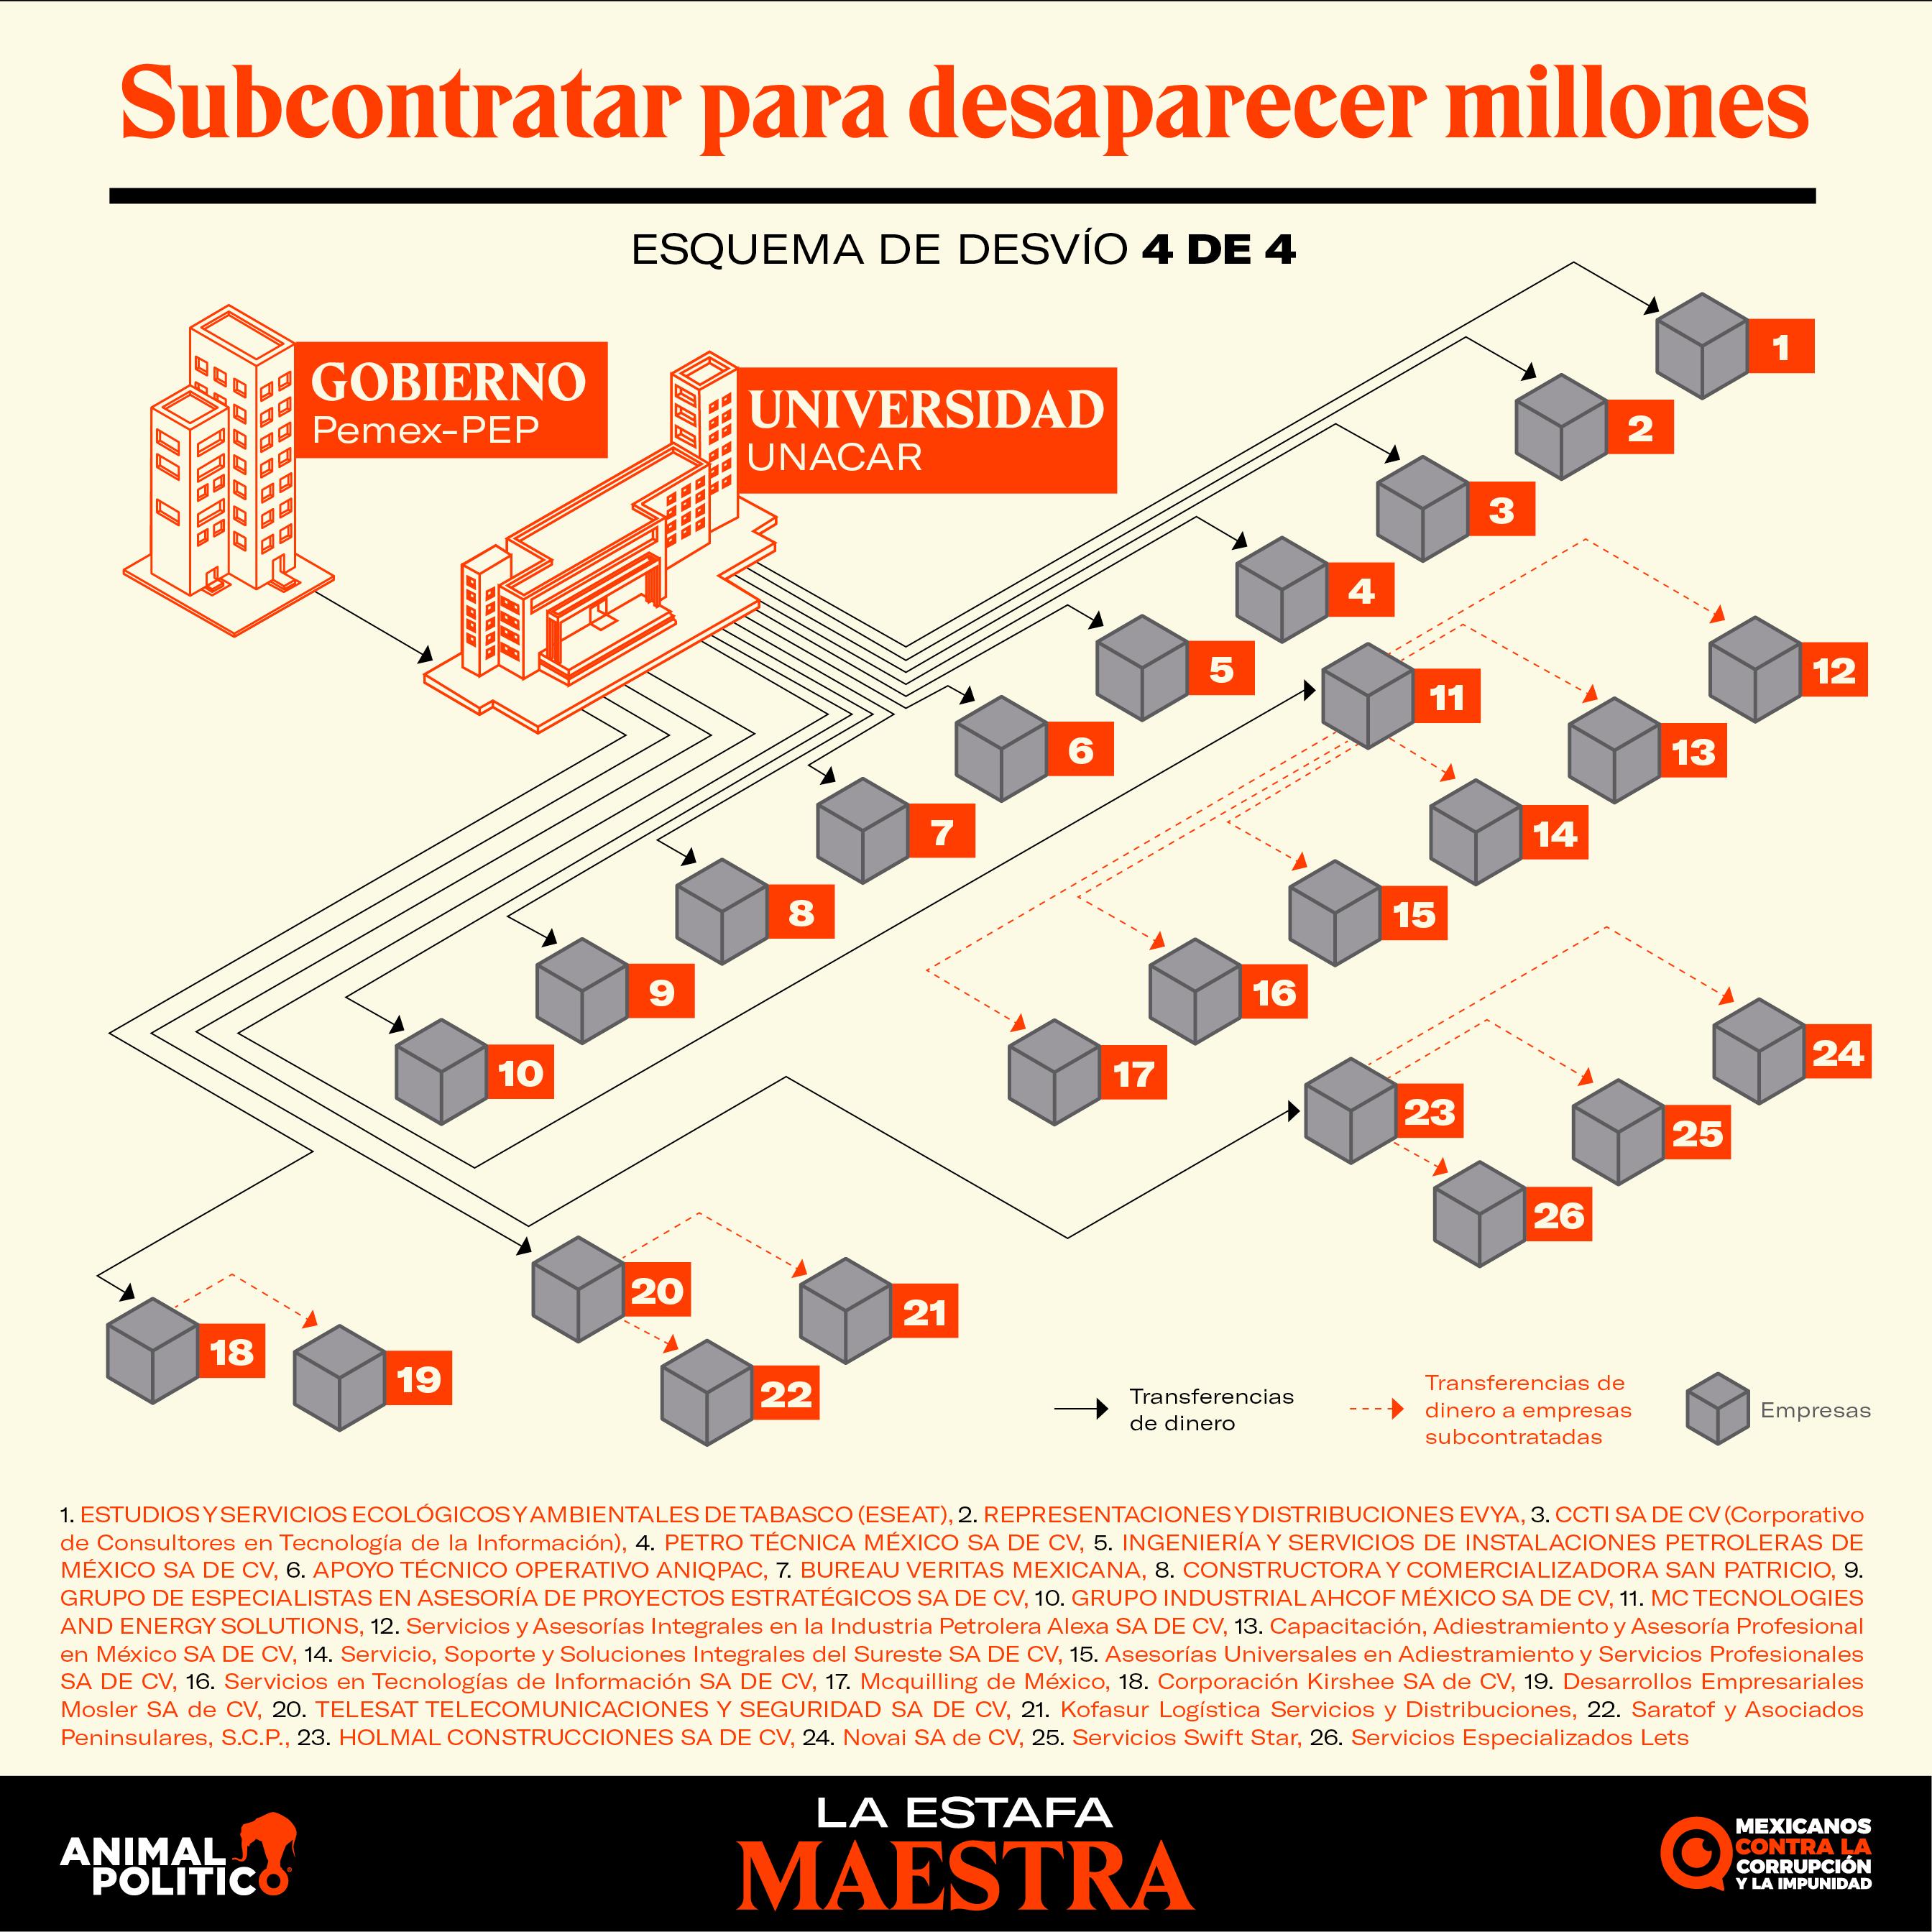 Reforma documentó en 2015 triangulación entre Pemex, universidades y empresas fantasma